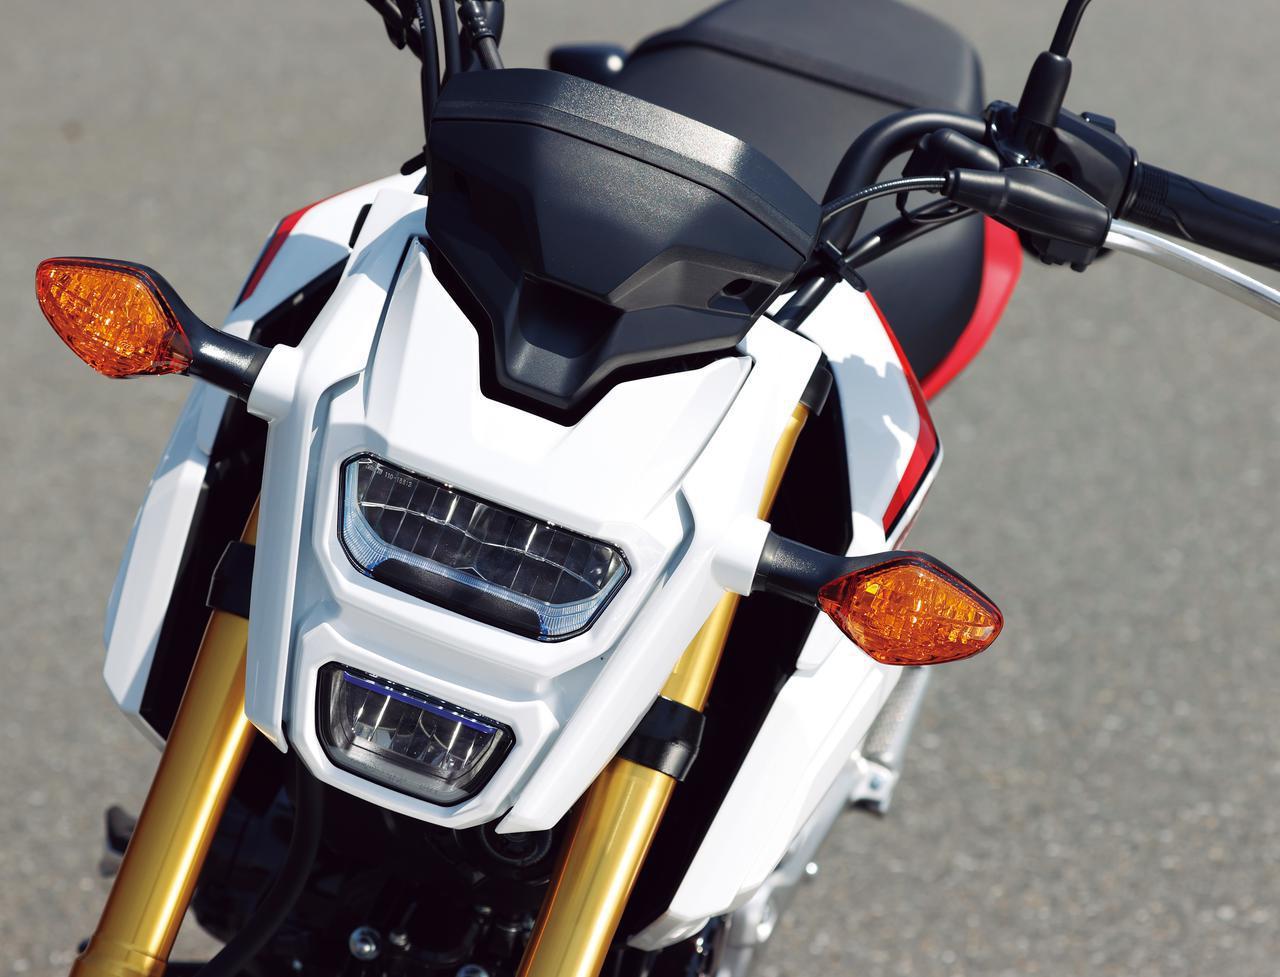 画像2: ホンダ「グロム」(2020年)解説&試乗インプレ 125cc 原付二種バイクの楽しさを堪能できる万能4ミニスポーツ - webオートバイ